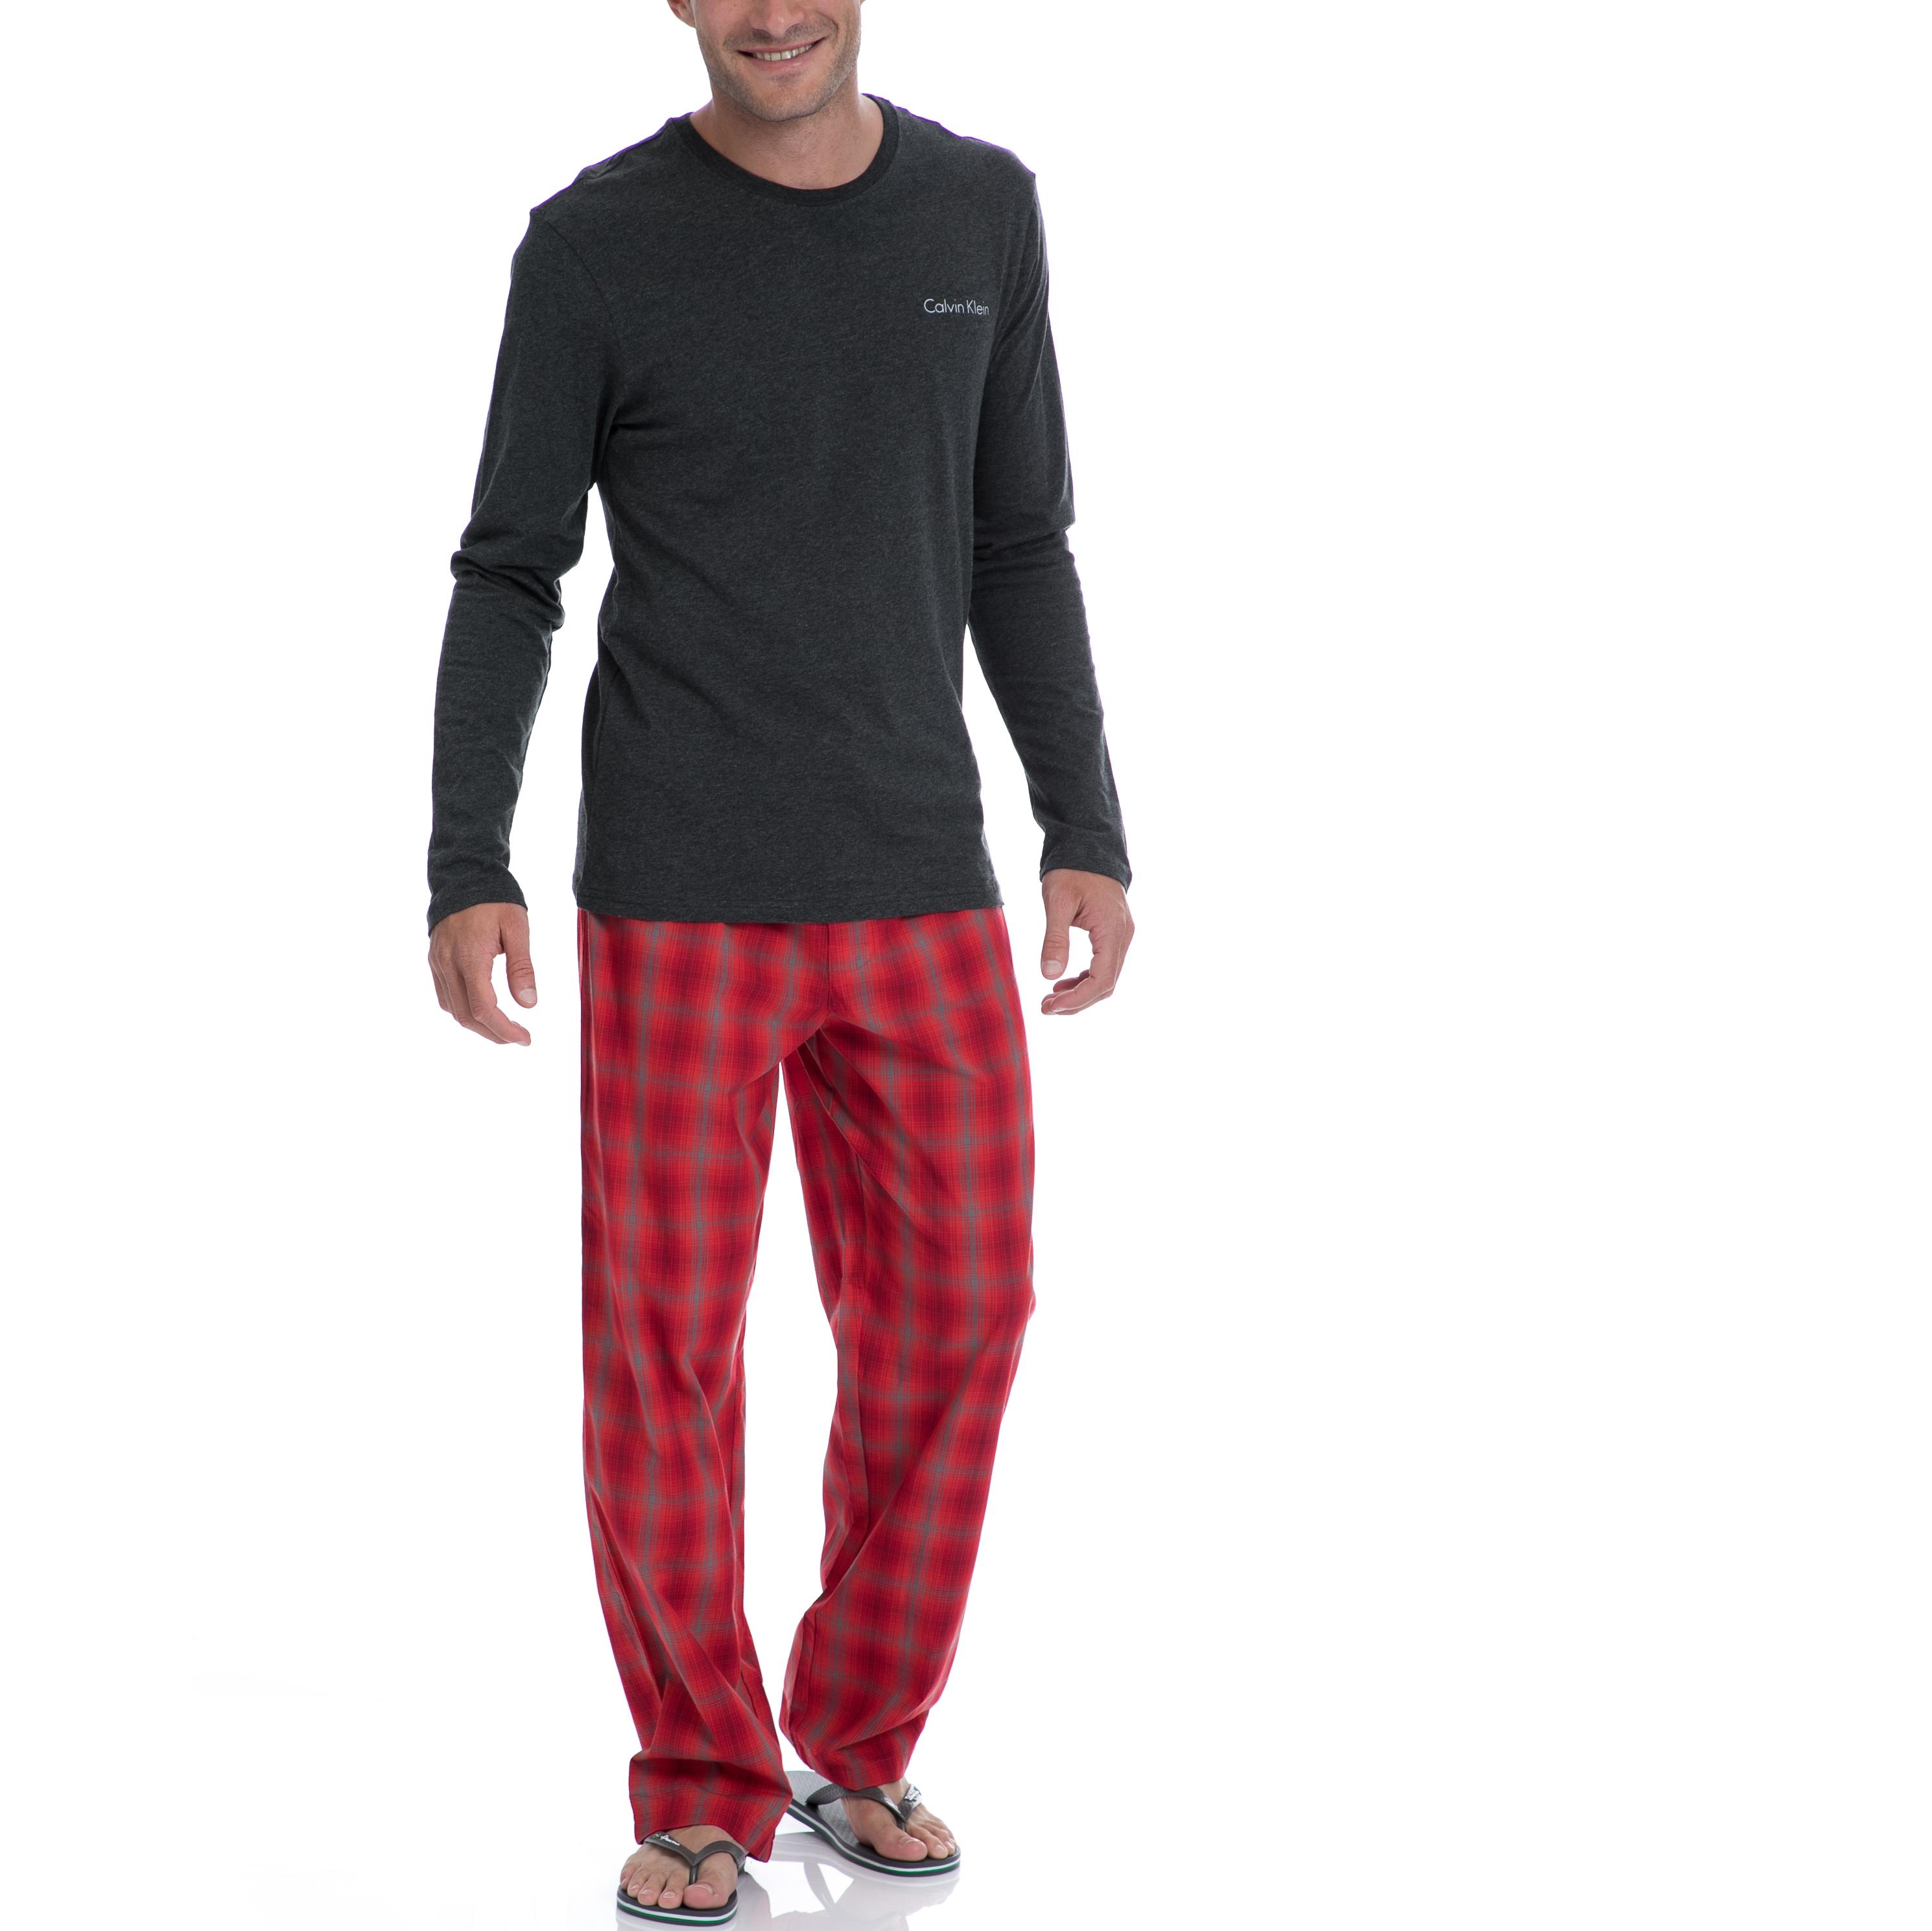 CK UNDERWEAR – Ανδρικό σετ πυτζάμες CK UNDERWEAR